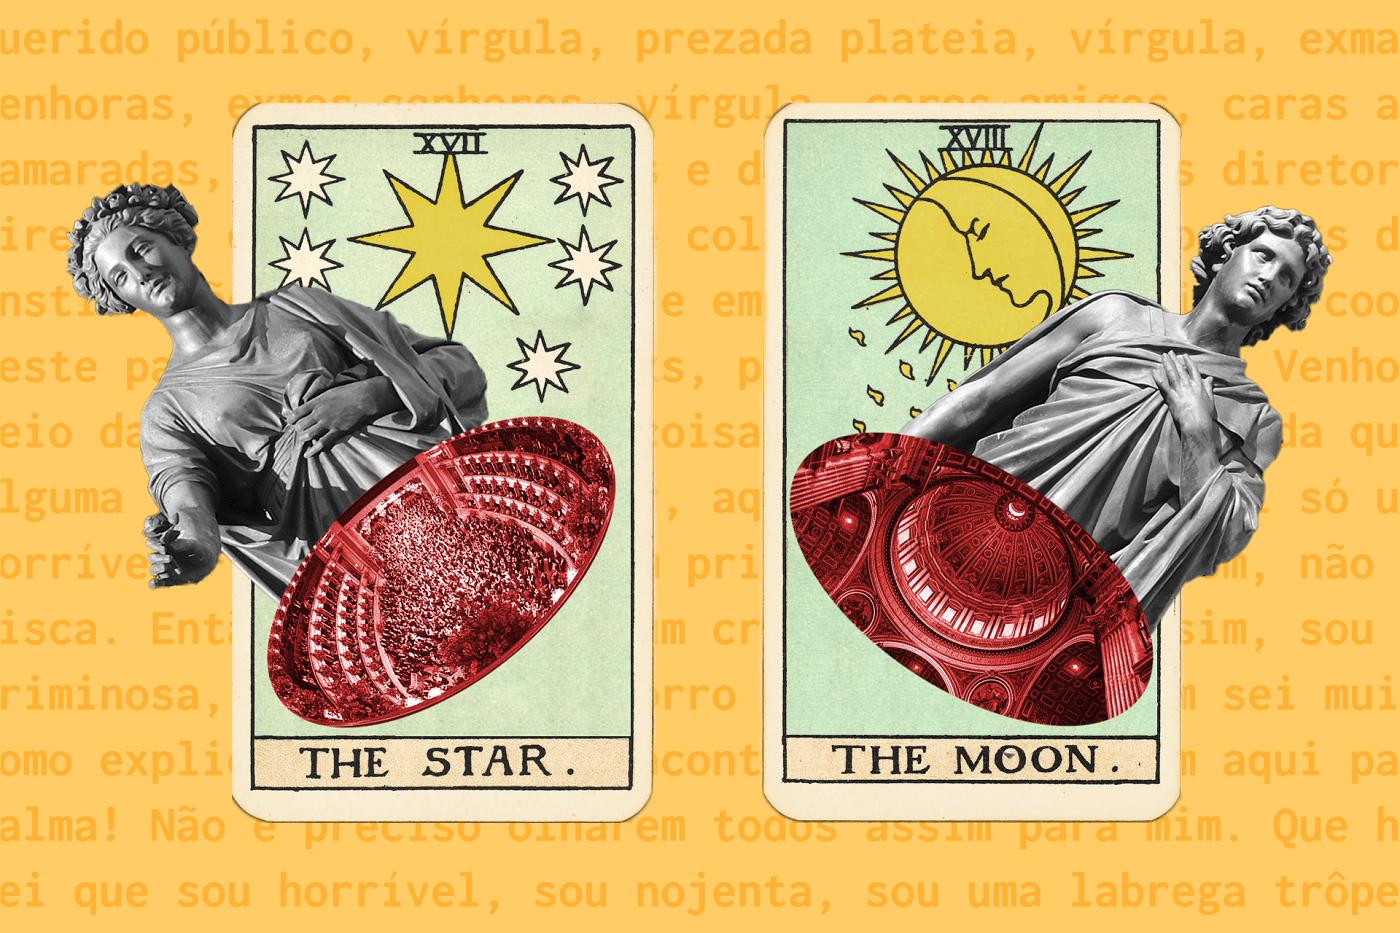 Duas cartas de tarot (A Estrela e A Lua) sobre fundo amarelo. A carta da Estrela tem um busto feminino sobreposto; a carta da Lua, uma busto masculino.